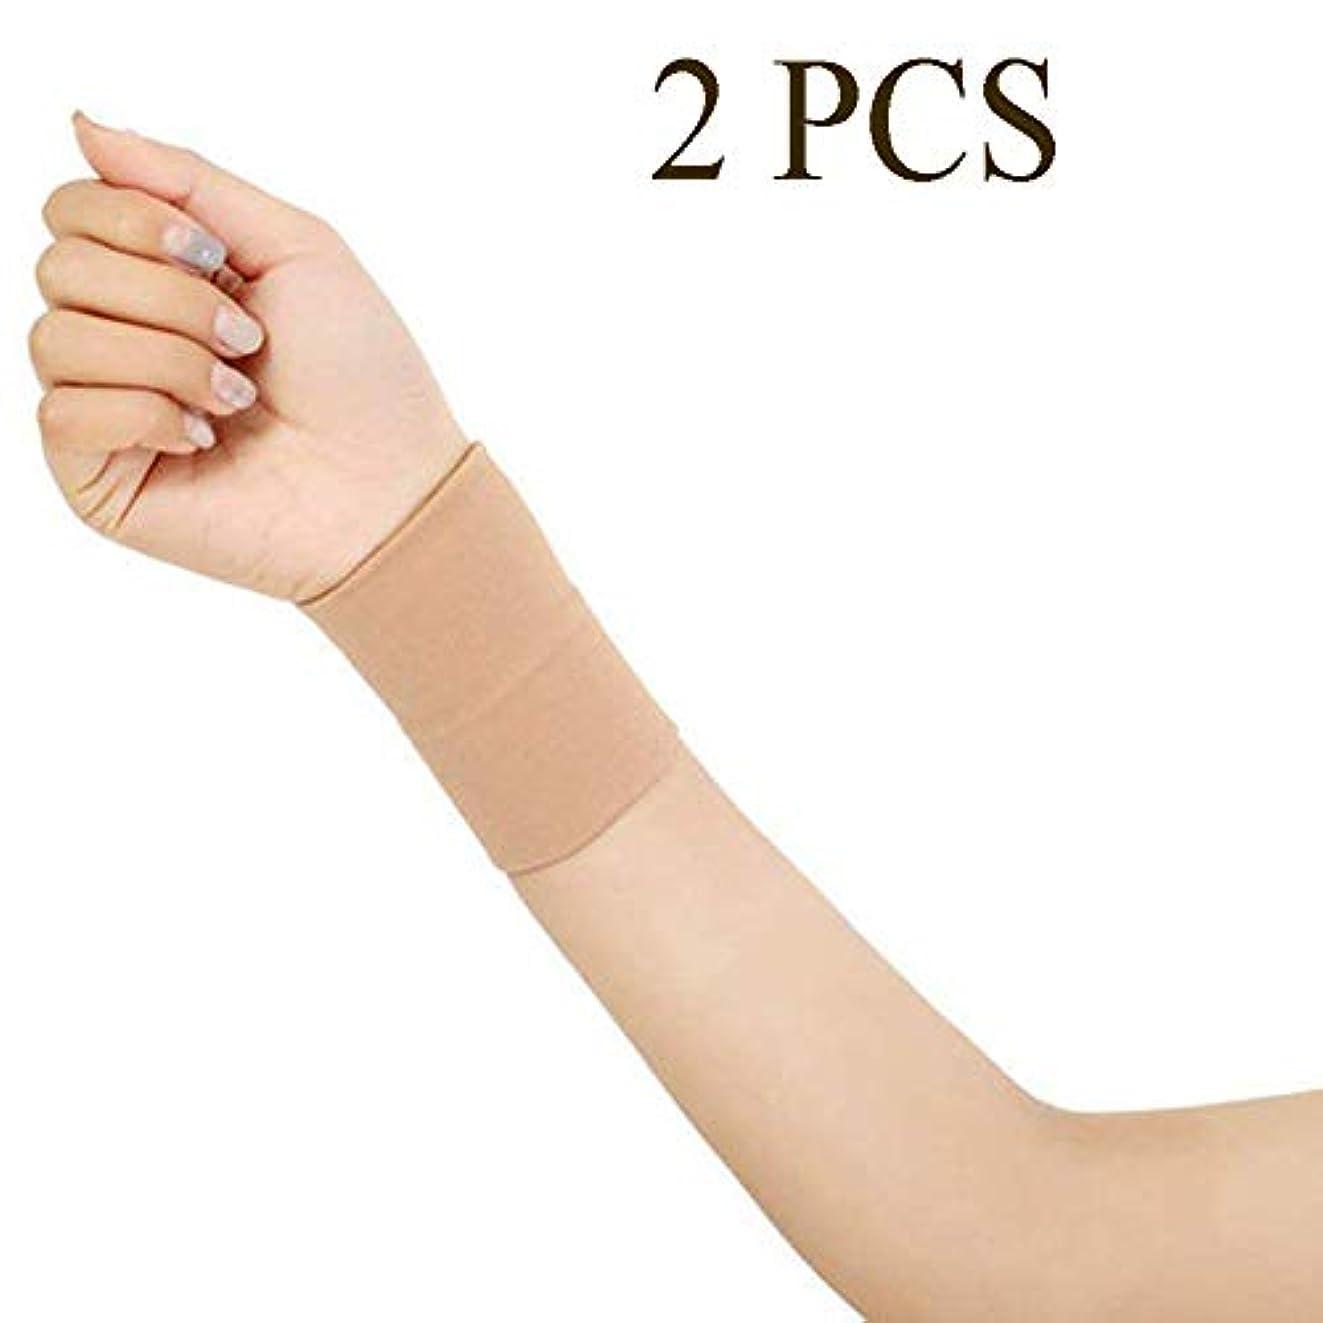 テスピアン怠けたタイプテニスジムスポーツ腱鞘炎関節痛1ペアのための手首のサポート圧縮手首スリーブブレースサポート回復ブレースラップスリーブユニセックス,XL